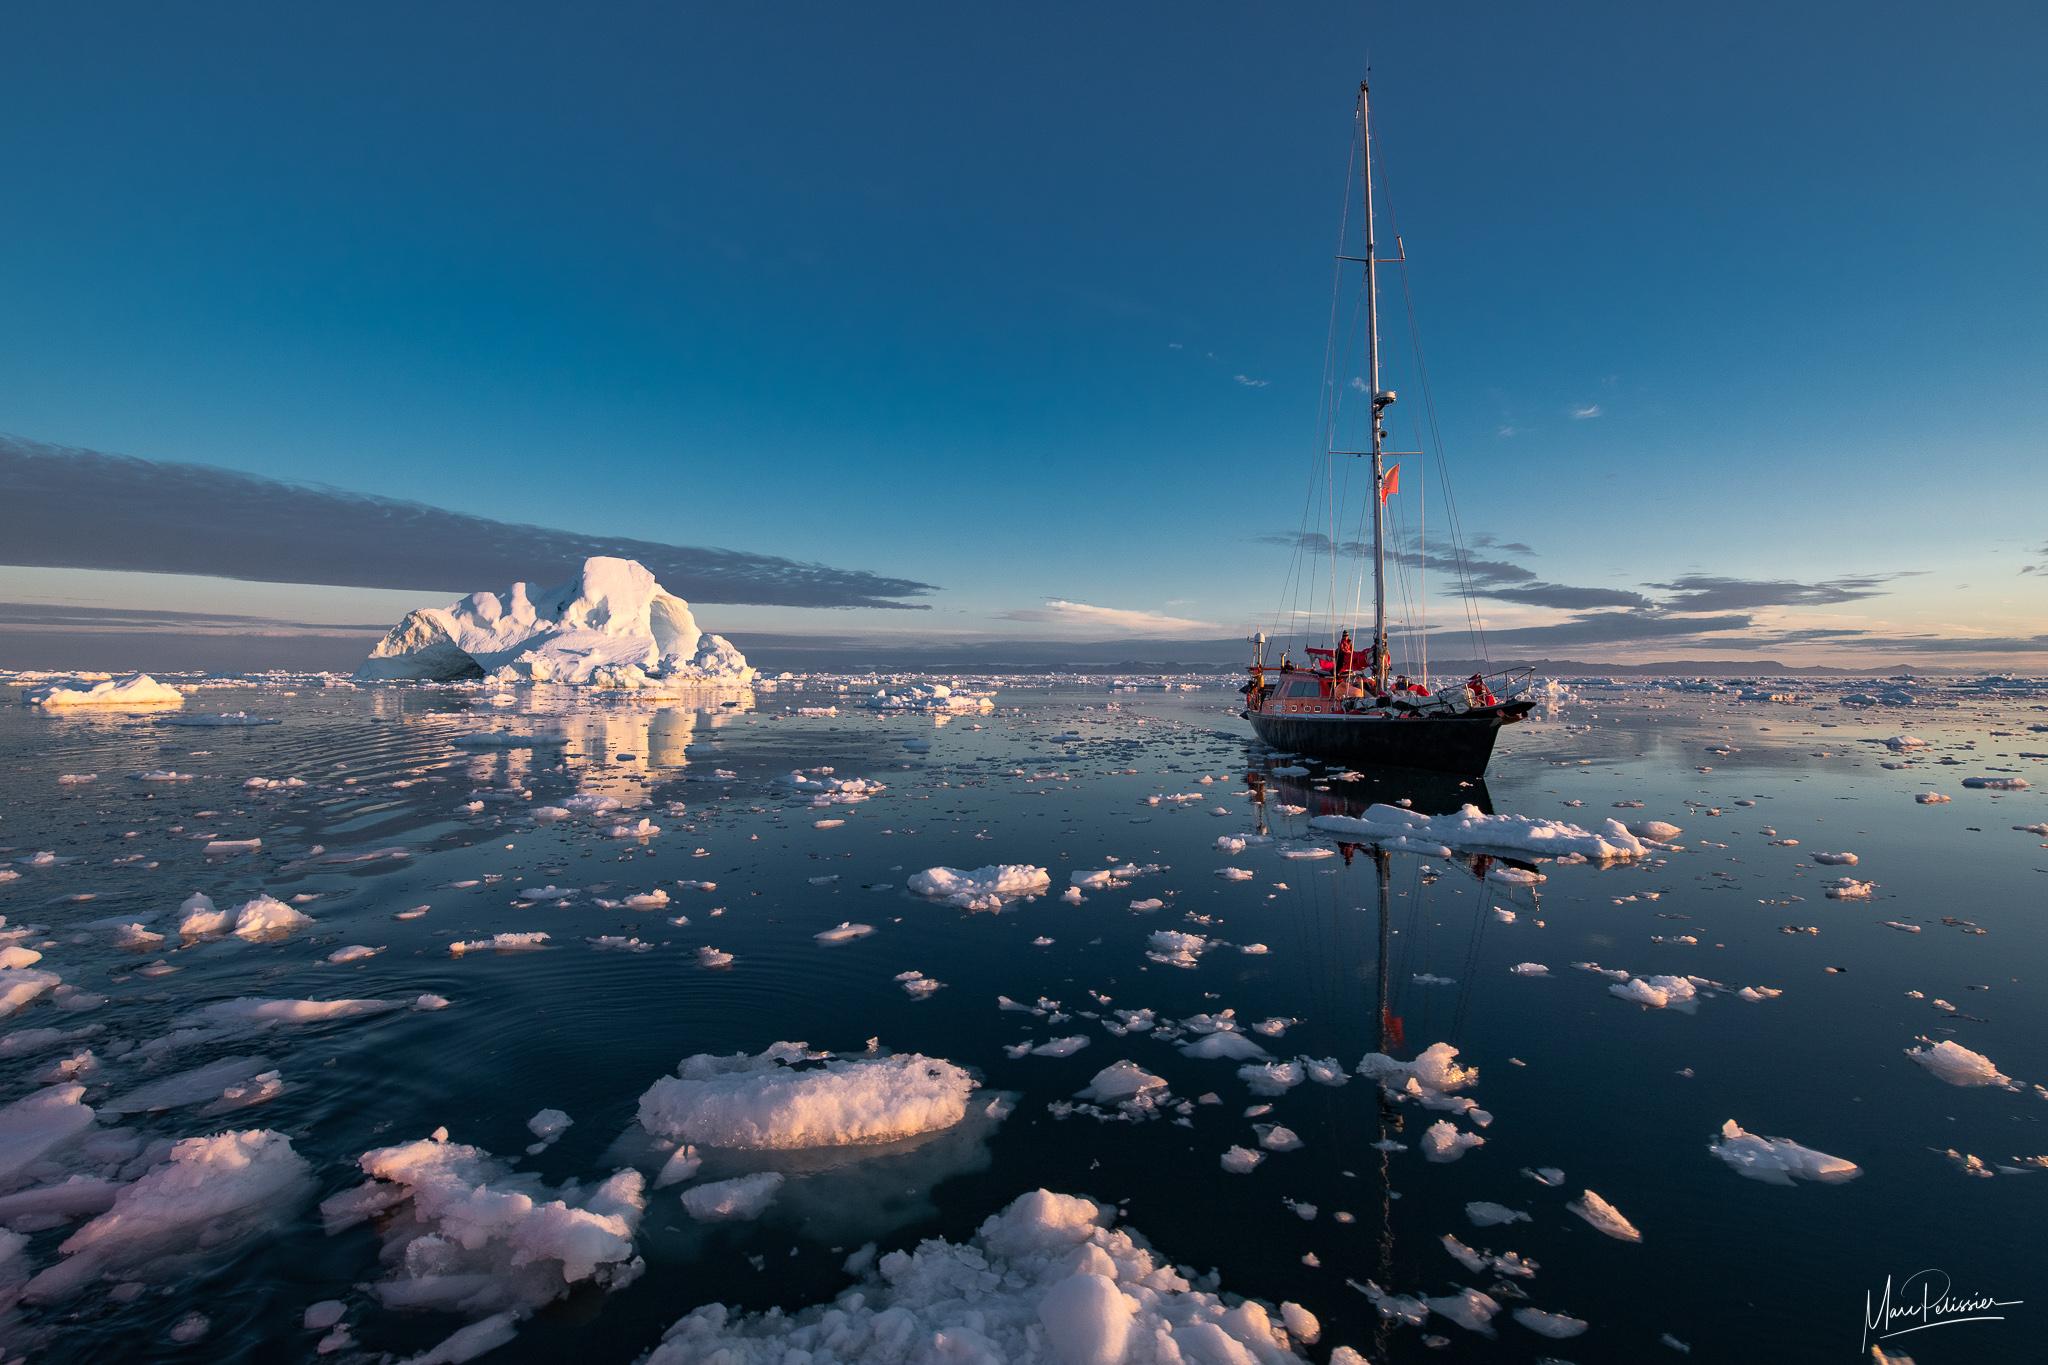 Disko bay sunrise, Greenland